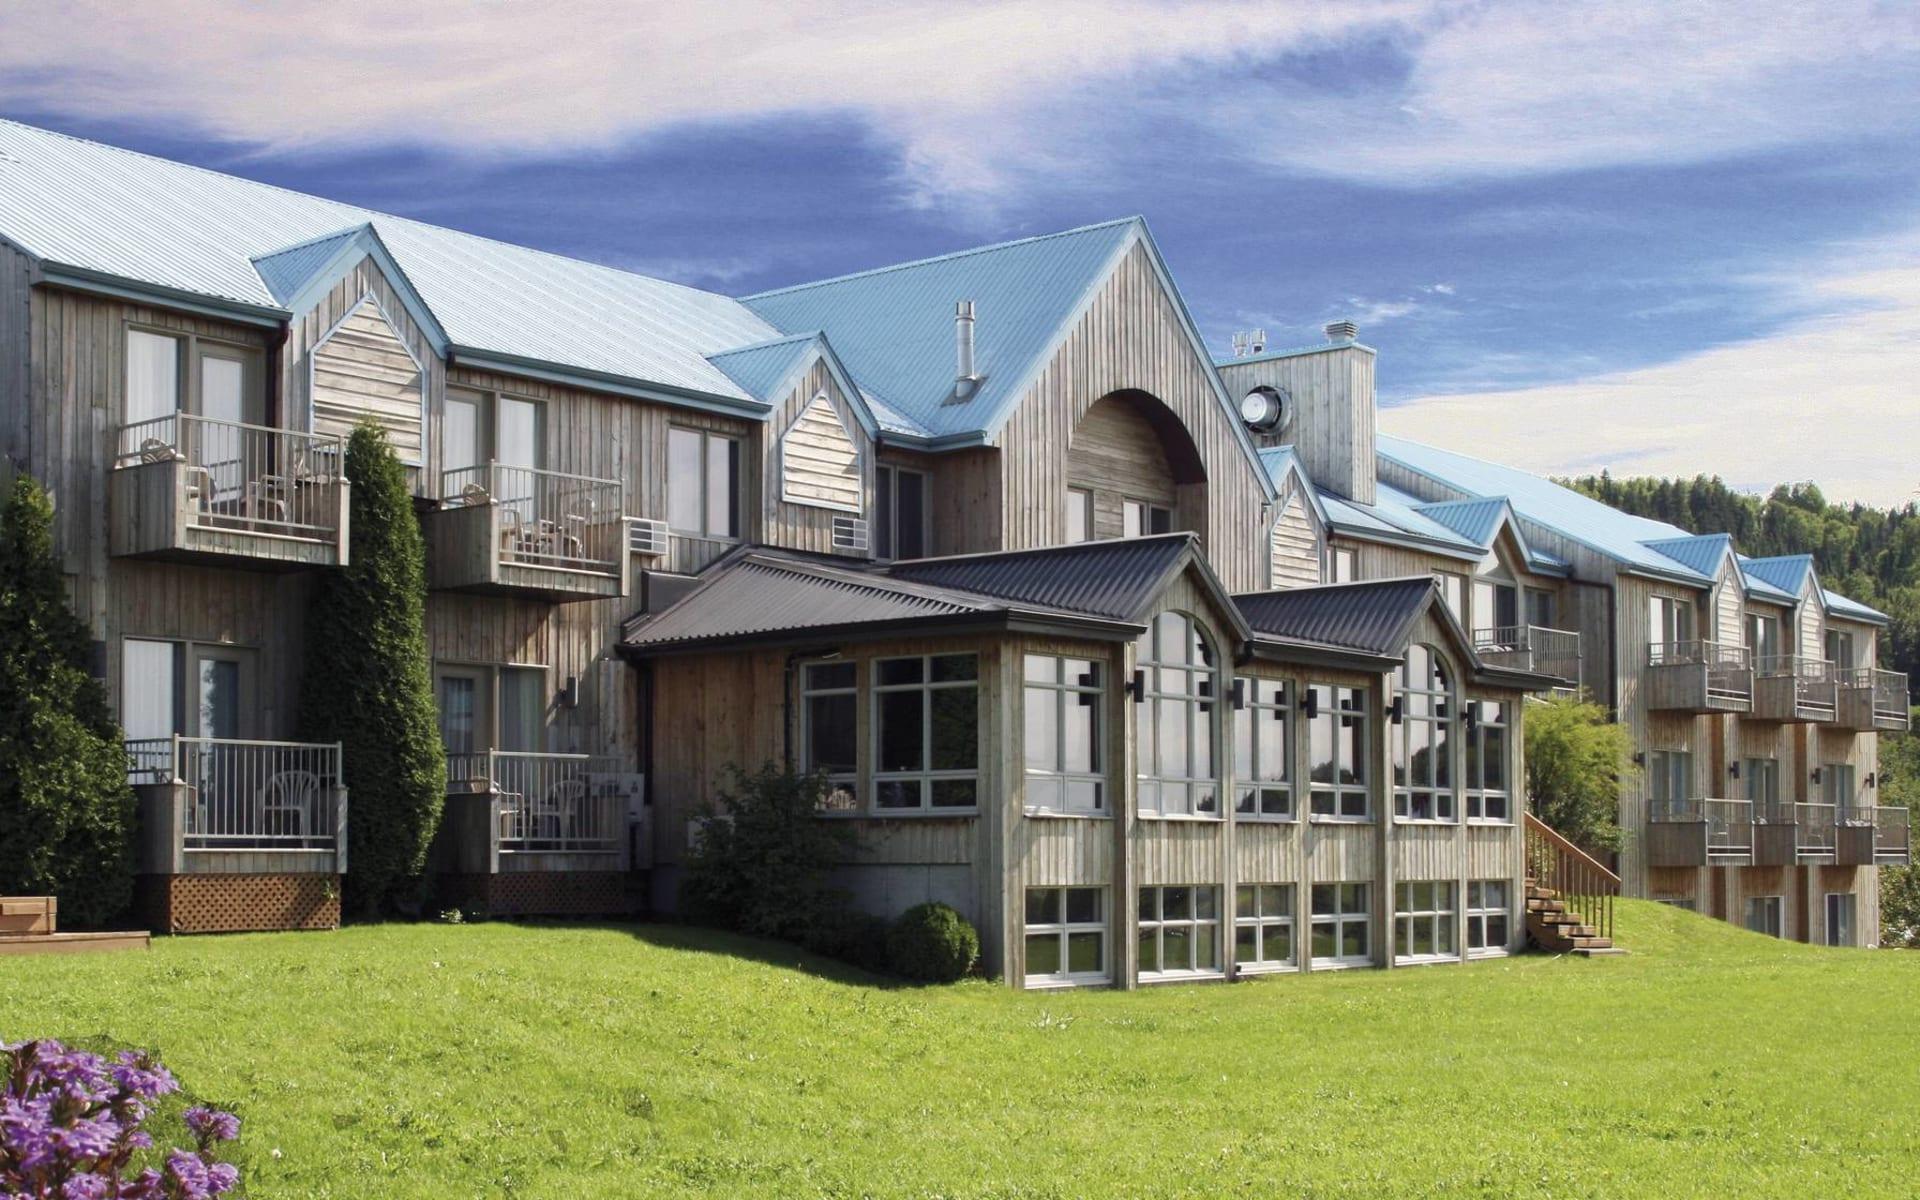 Auberge des Battures in La Baie: _ exterior Auberge des Battures Sicht auf Hotel von aussen